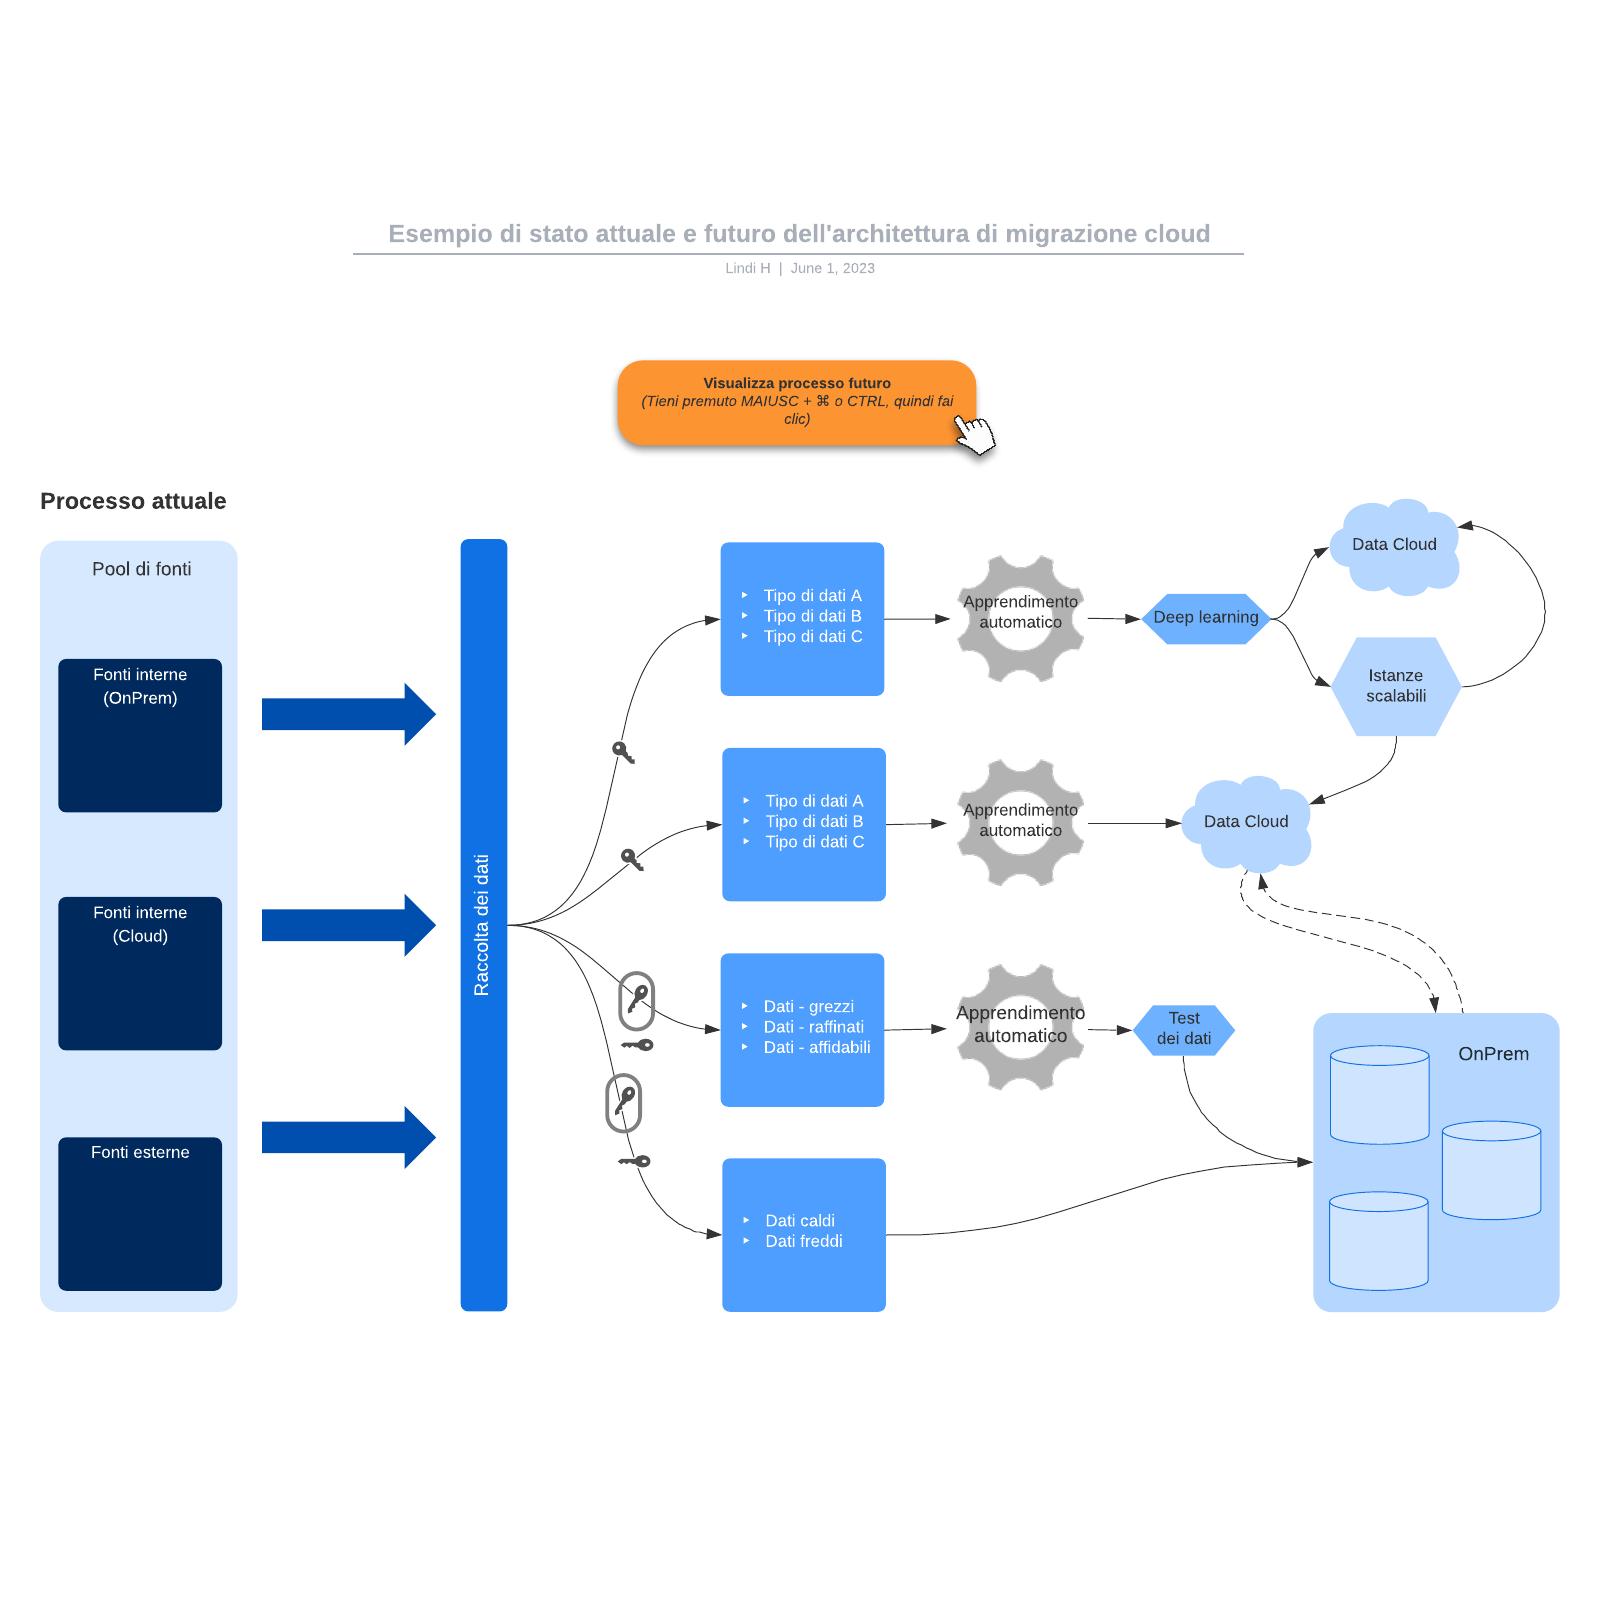 Esempio di stato attuale e futuro dell'architettura di migrazione cloud